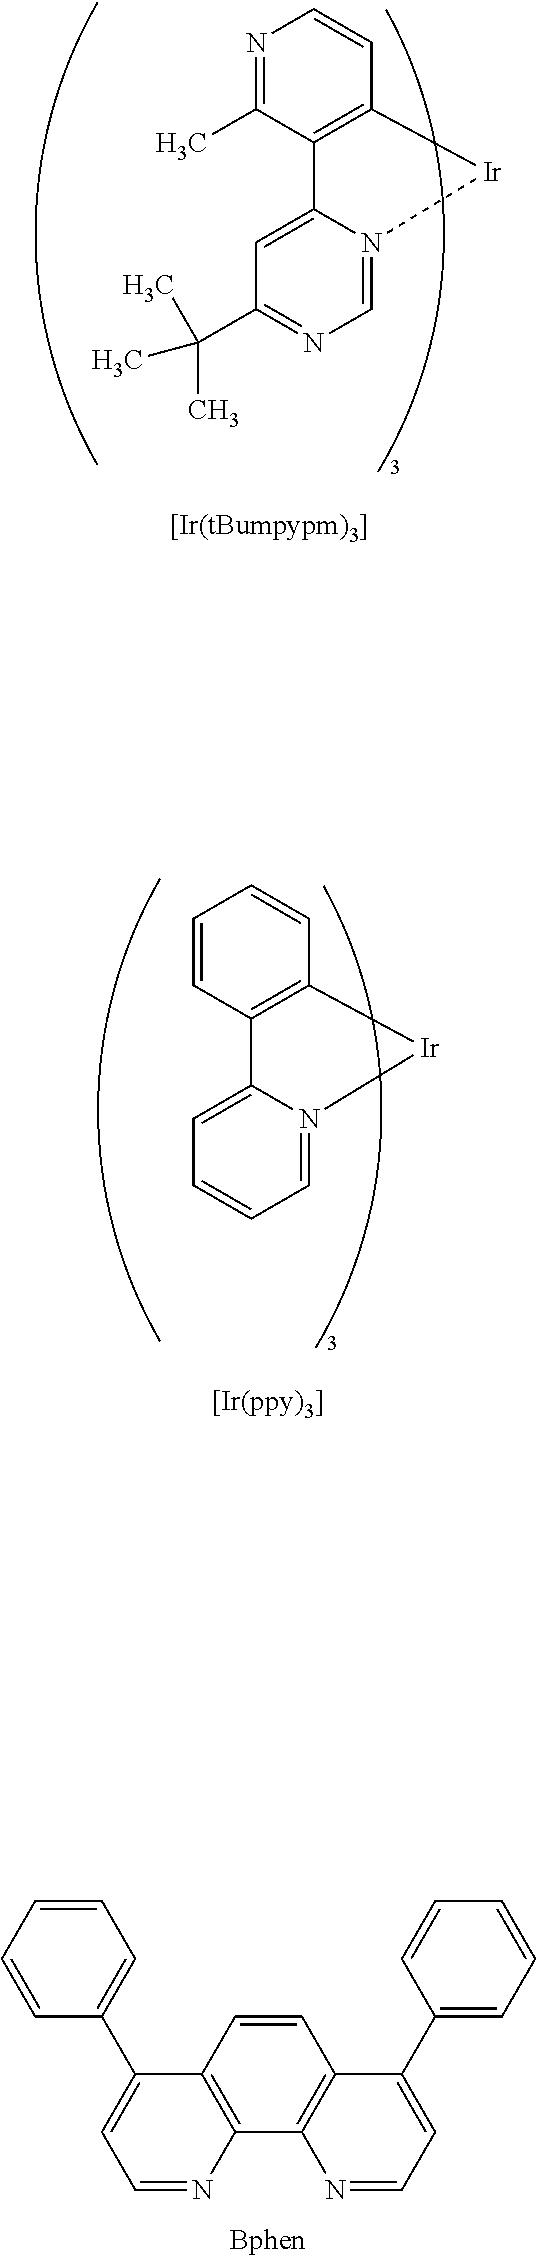 Figure US08889858-20141118-C00046